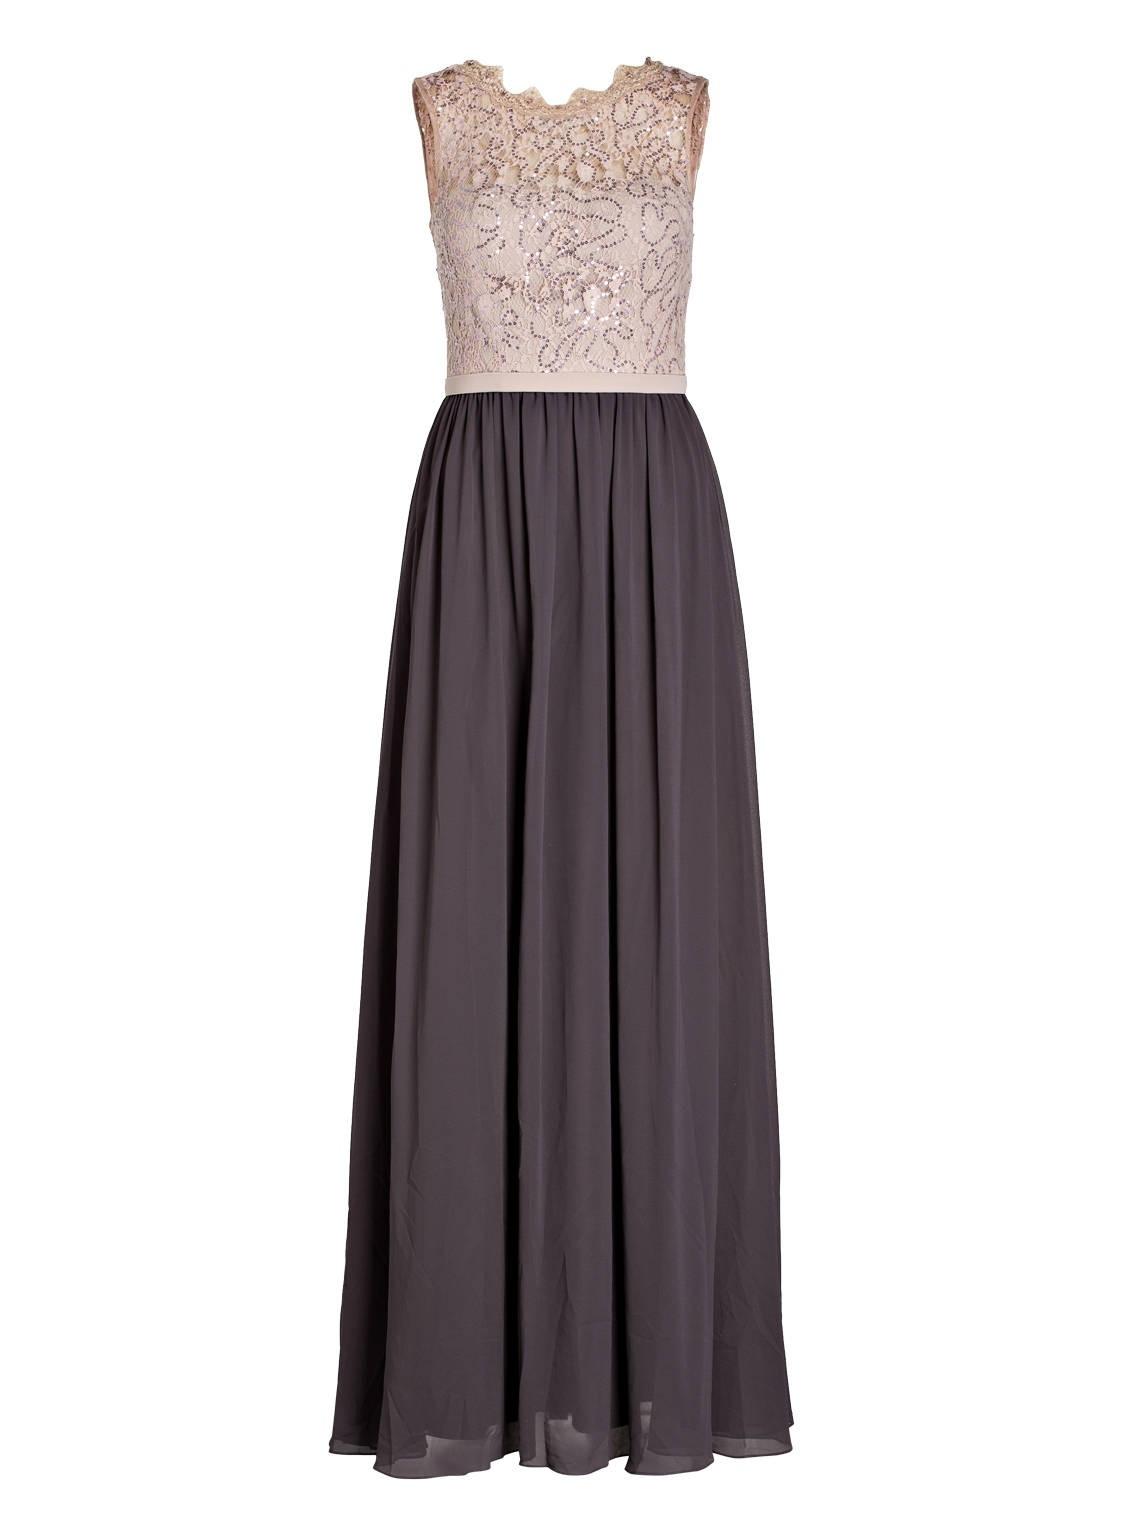 20 Cool Damen Kleider Abendkleid Galerie20 Fantastisch Damen Kleider Abendkleid Design